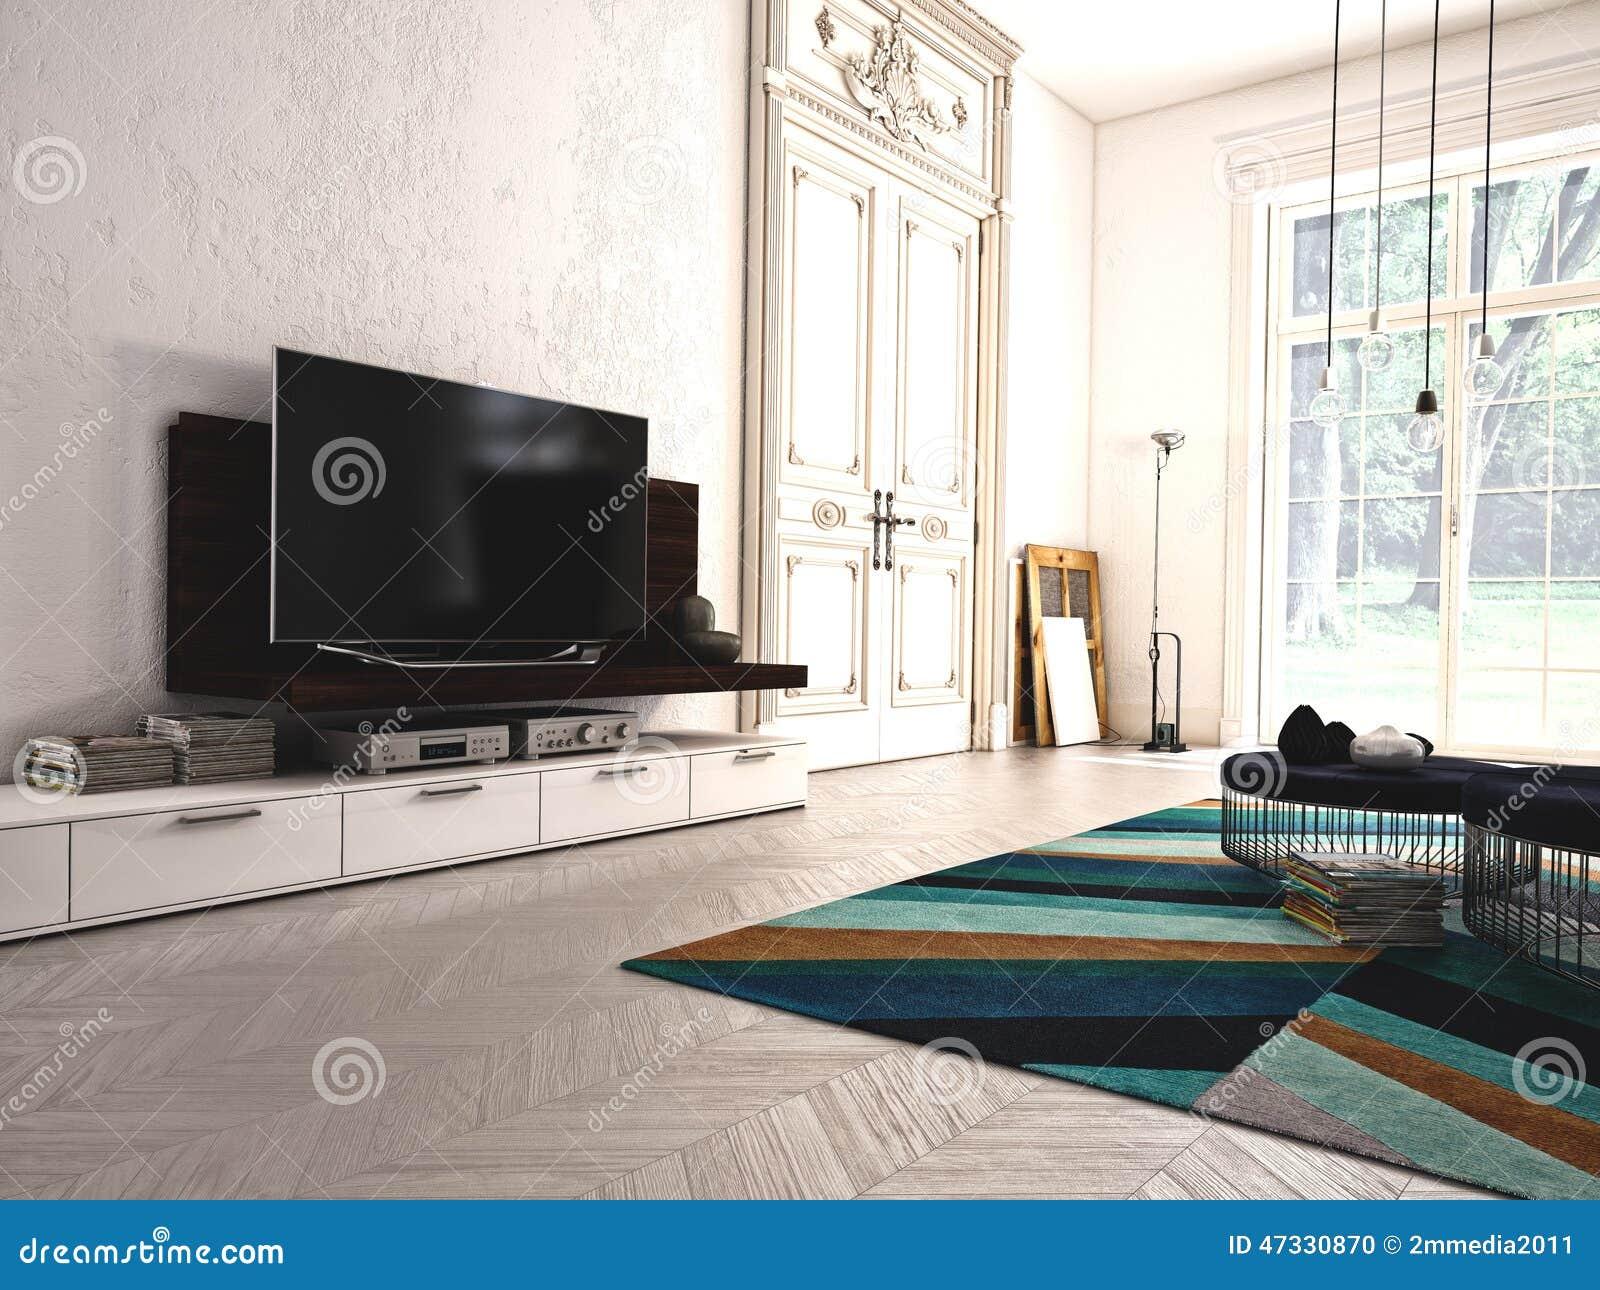 Download Modernes Wohnzimmer Mit Fernsehen Und Stereoanlage 3d Stockfoto    Bild Von Auslegung, Fußboden: